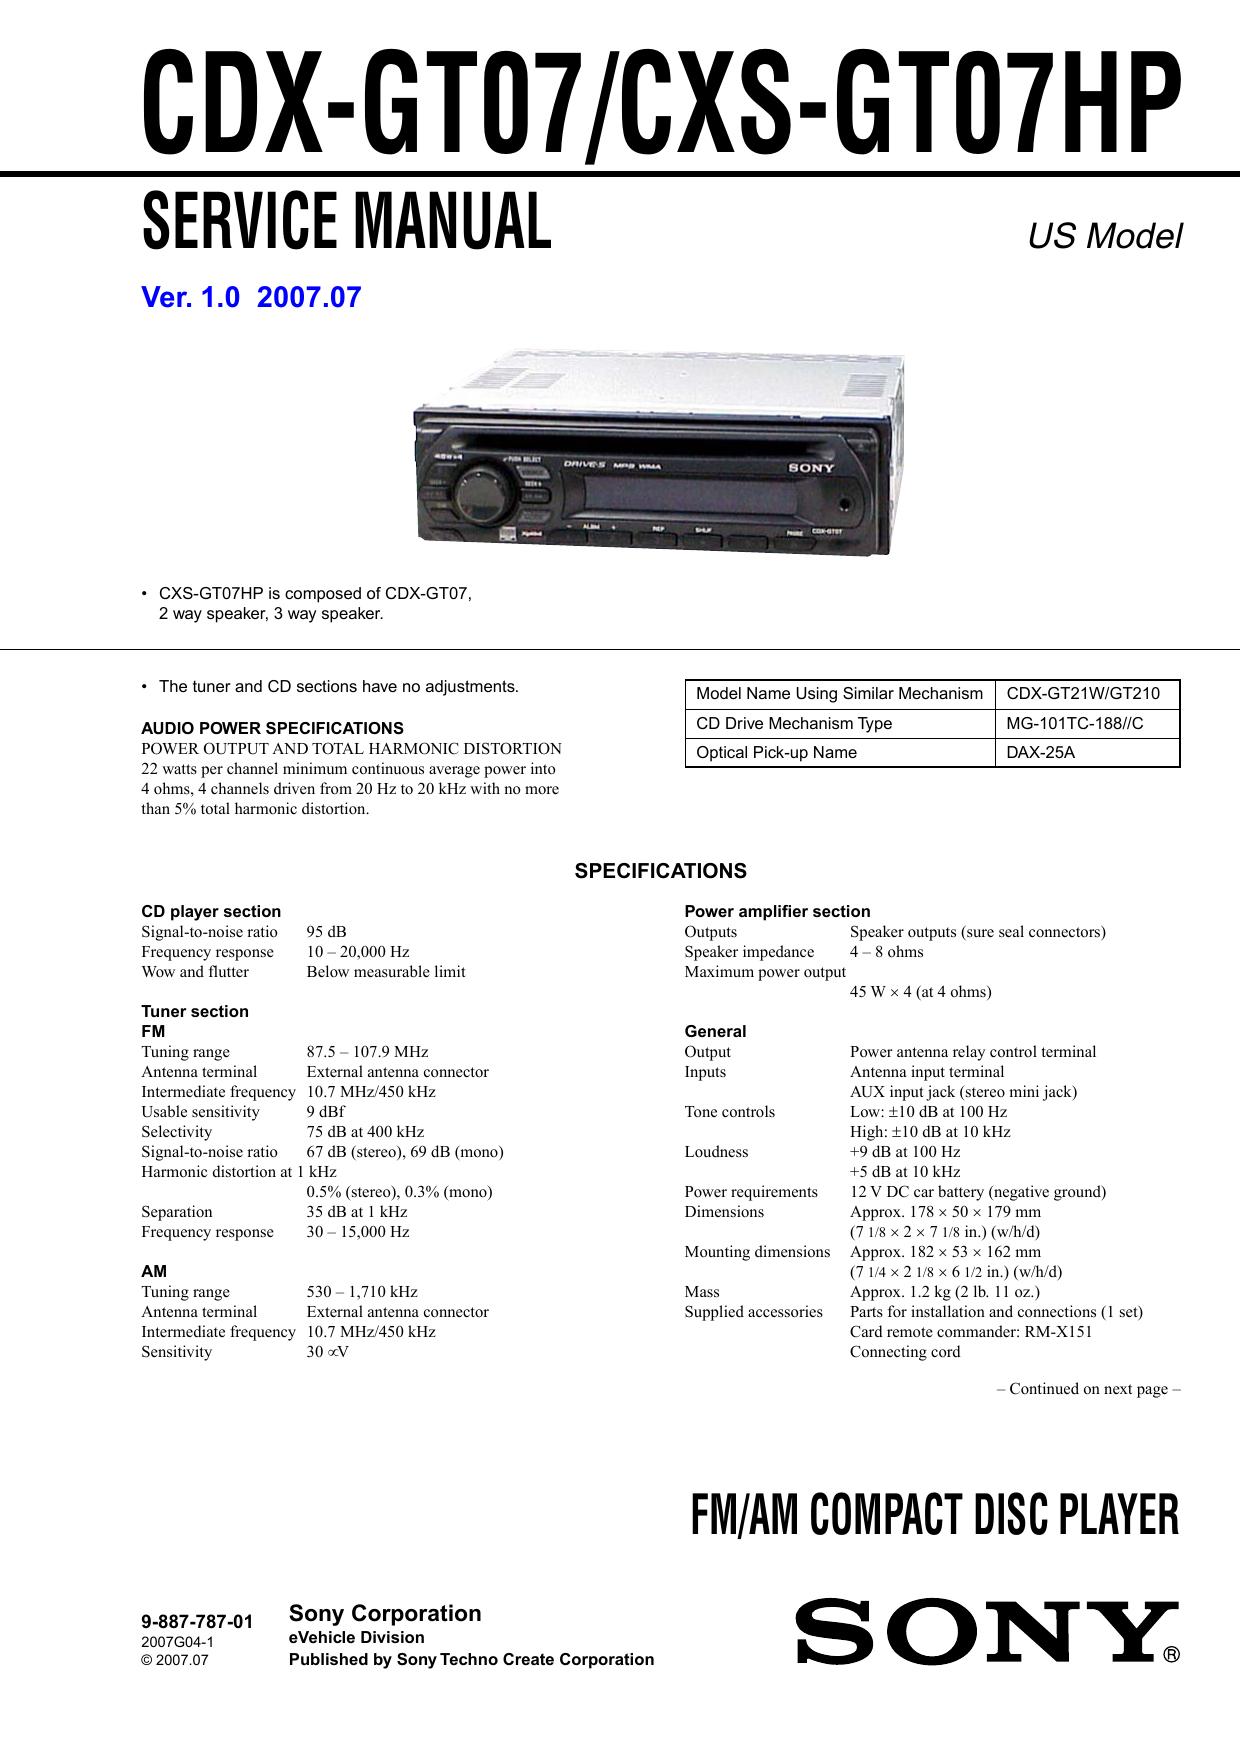 CDX-GT07/CXS | Manualzzmanualzz